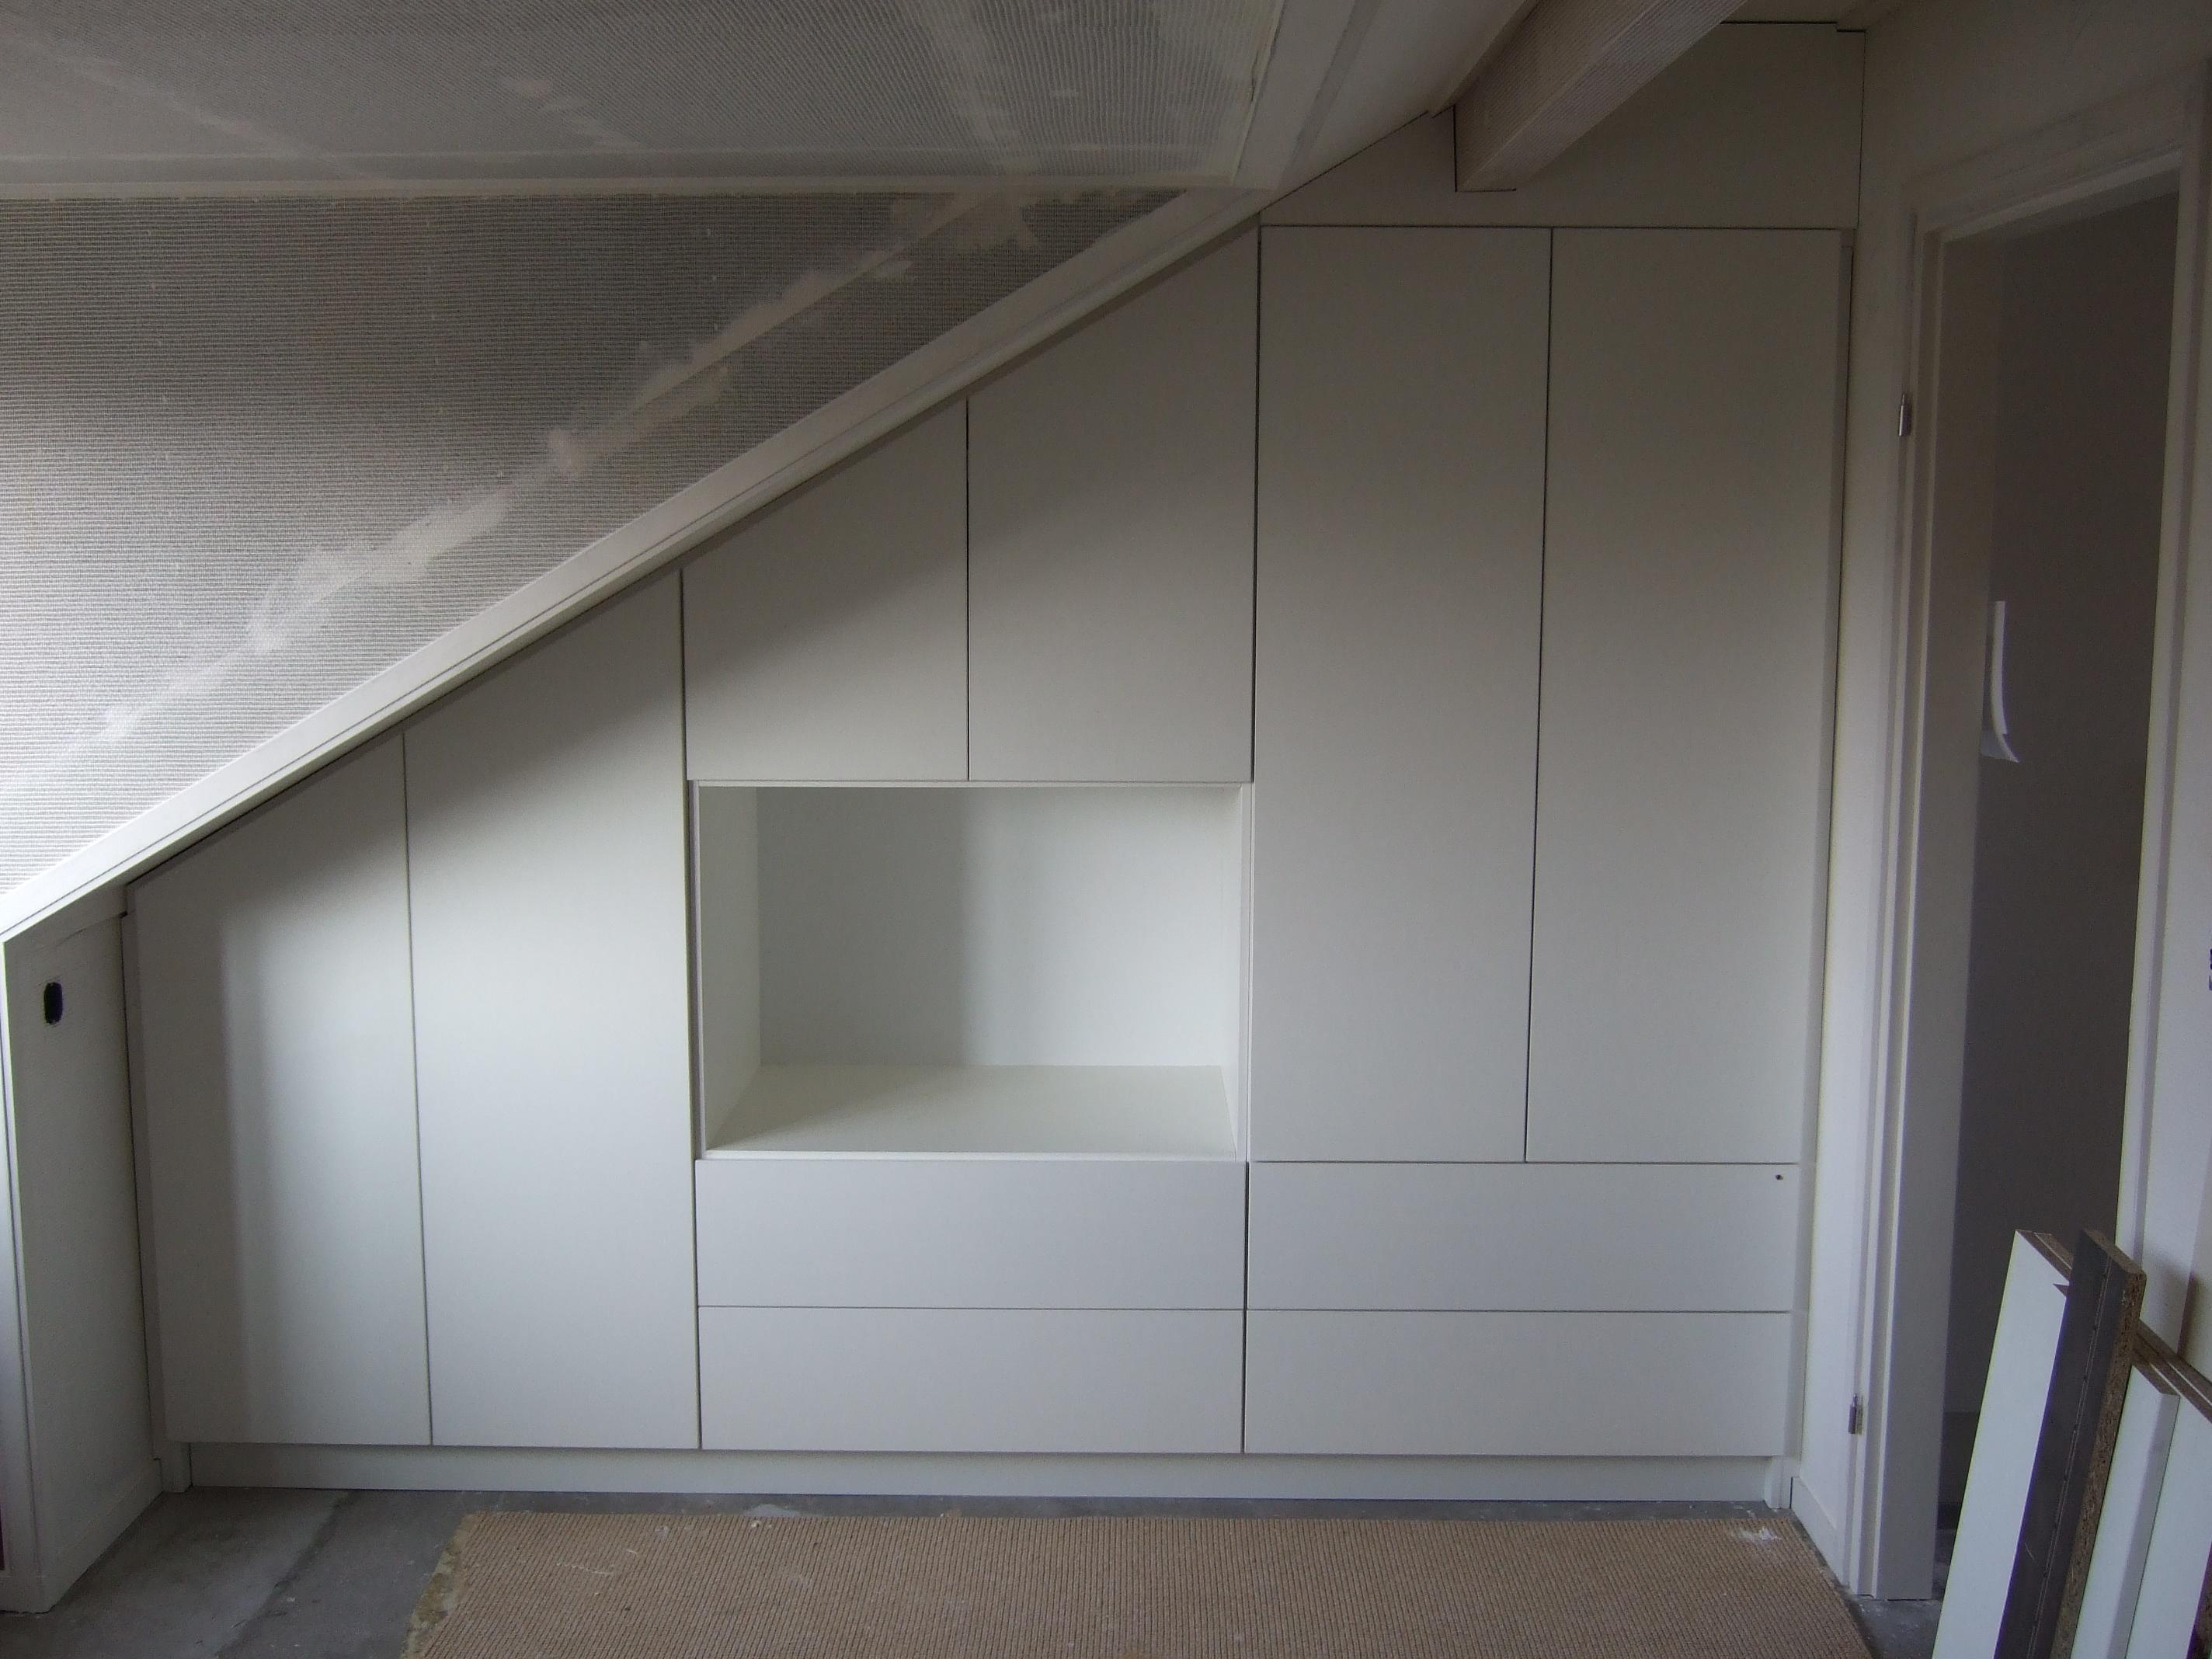 Slaapkamer inrichten schuine wand zolder inbouwkast pictures to pin on pinterest slaapkamer - Decoratie zolder ...